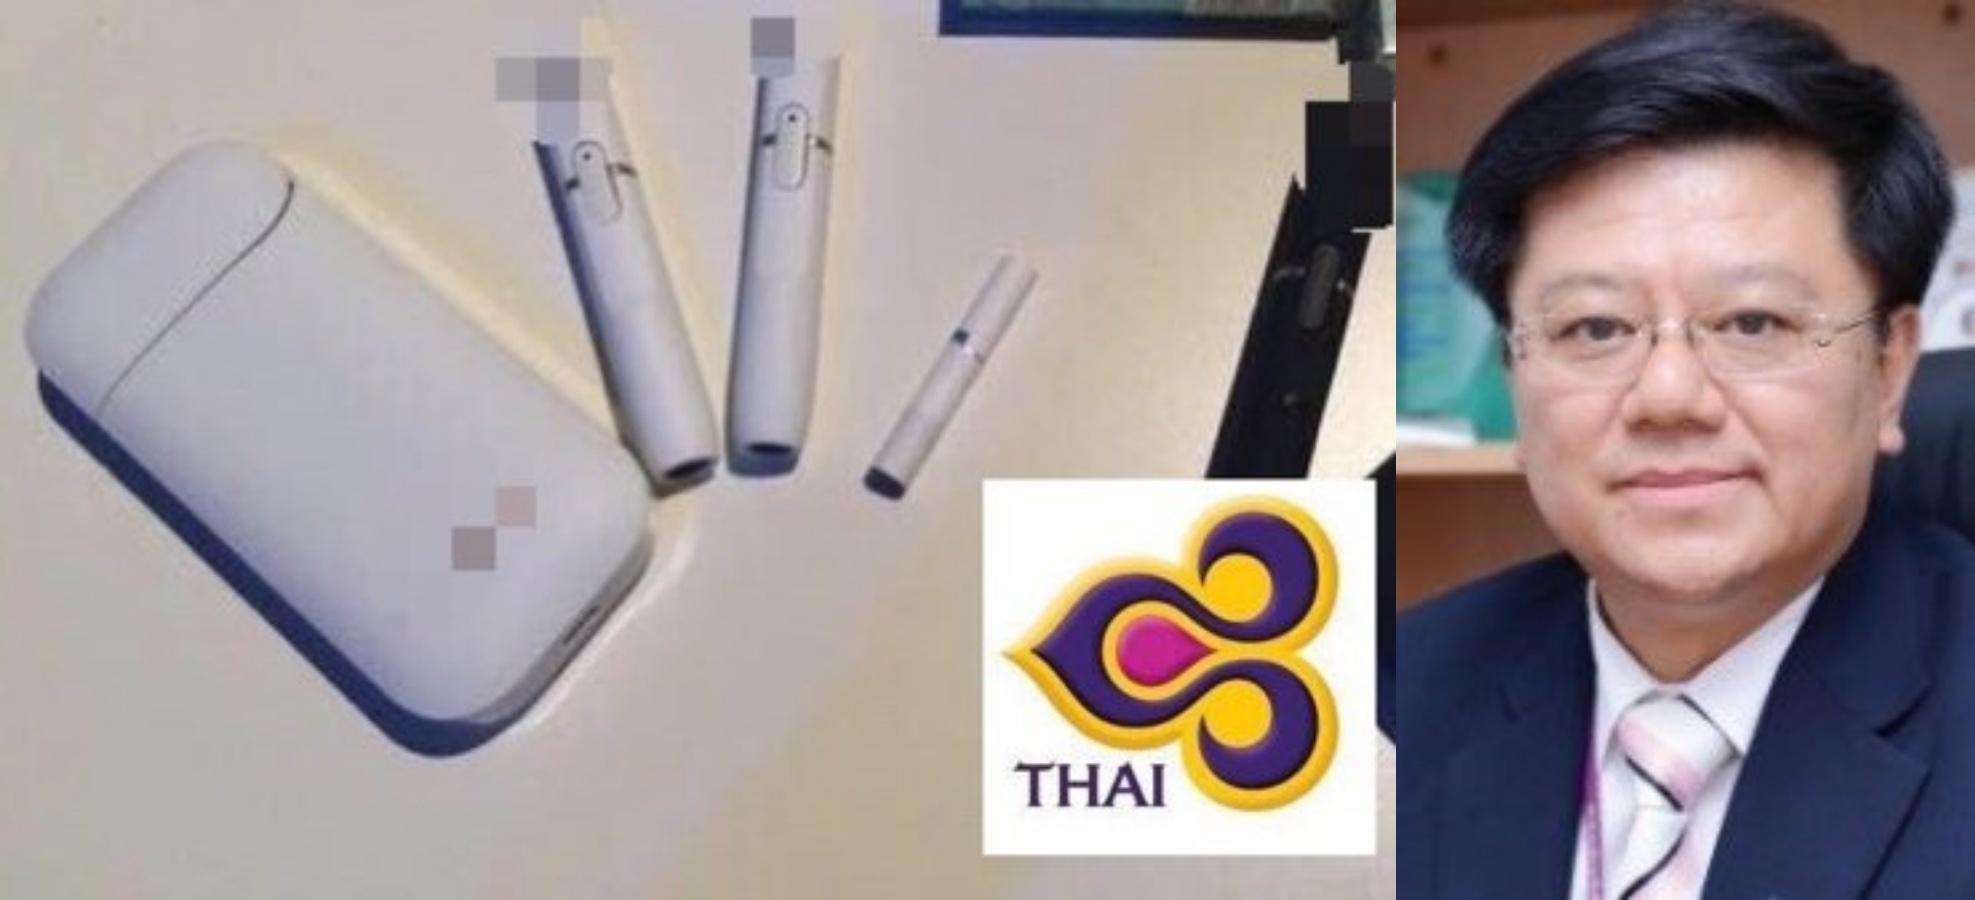 """นักวิชาการ ชมบินไทยเอาผิดสจ๊วตลอบขน """"บุหรี่ไฟฟ้า"""" ย้ำอันตราย ต้องคงมาตรการห้ามนำเข้า"""